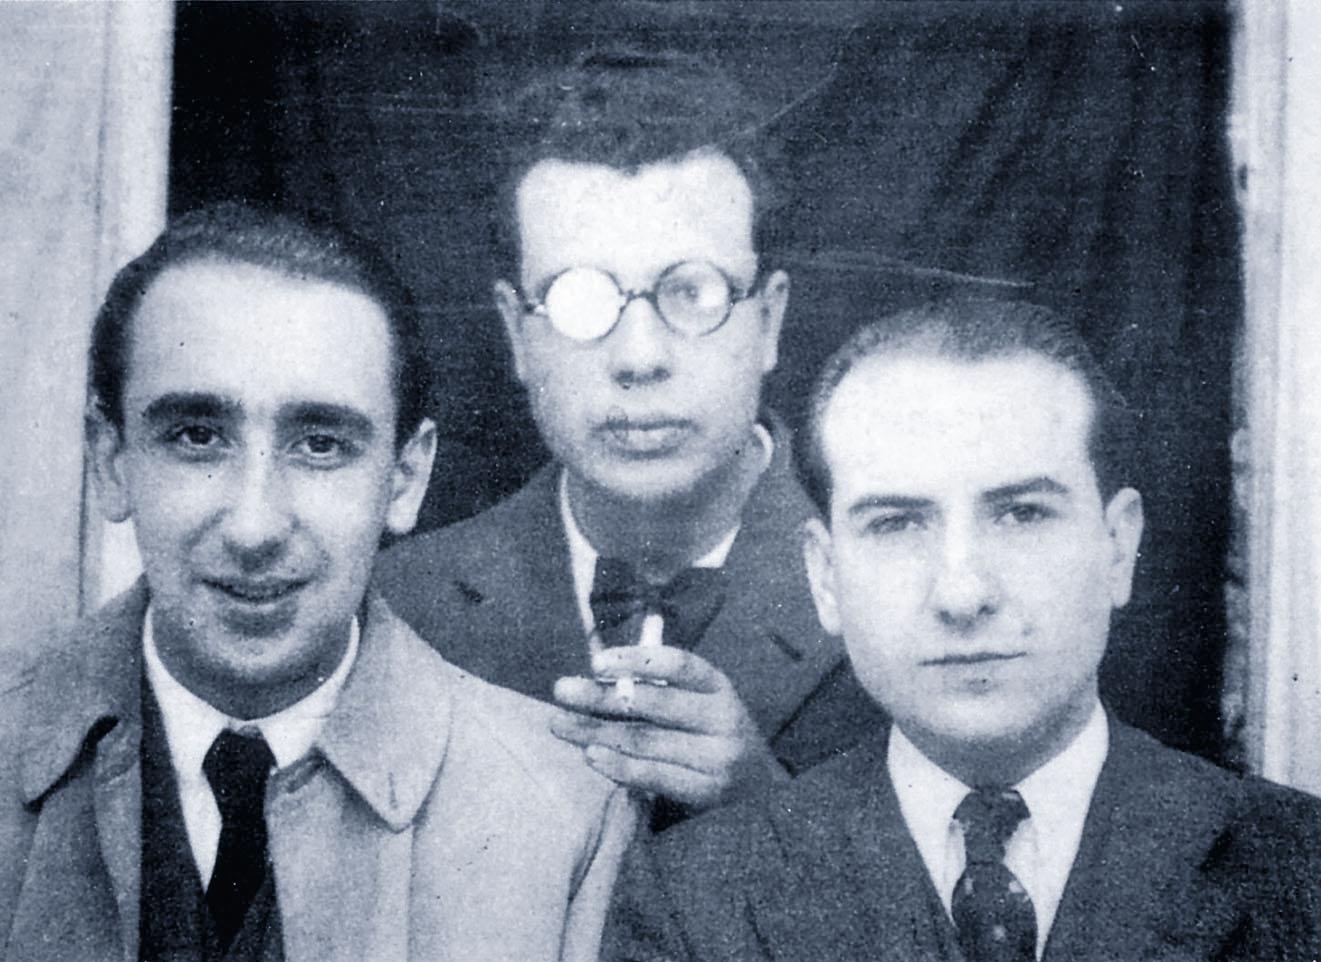 Cunqueiro, Del Riego e Carvalho nunha foto anterior a 1936